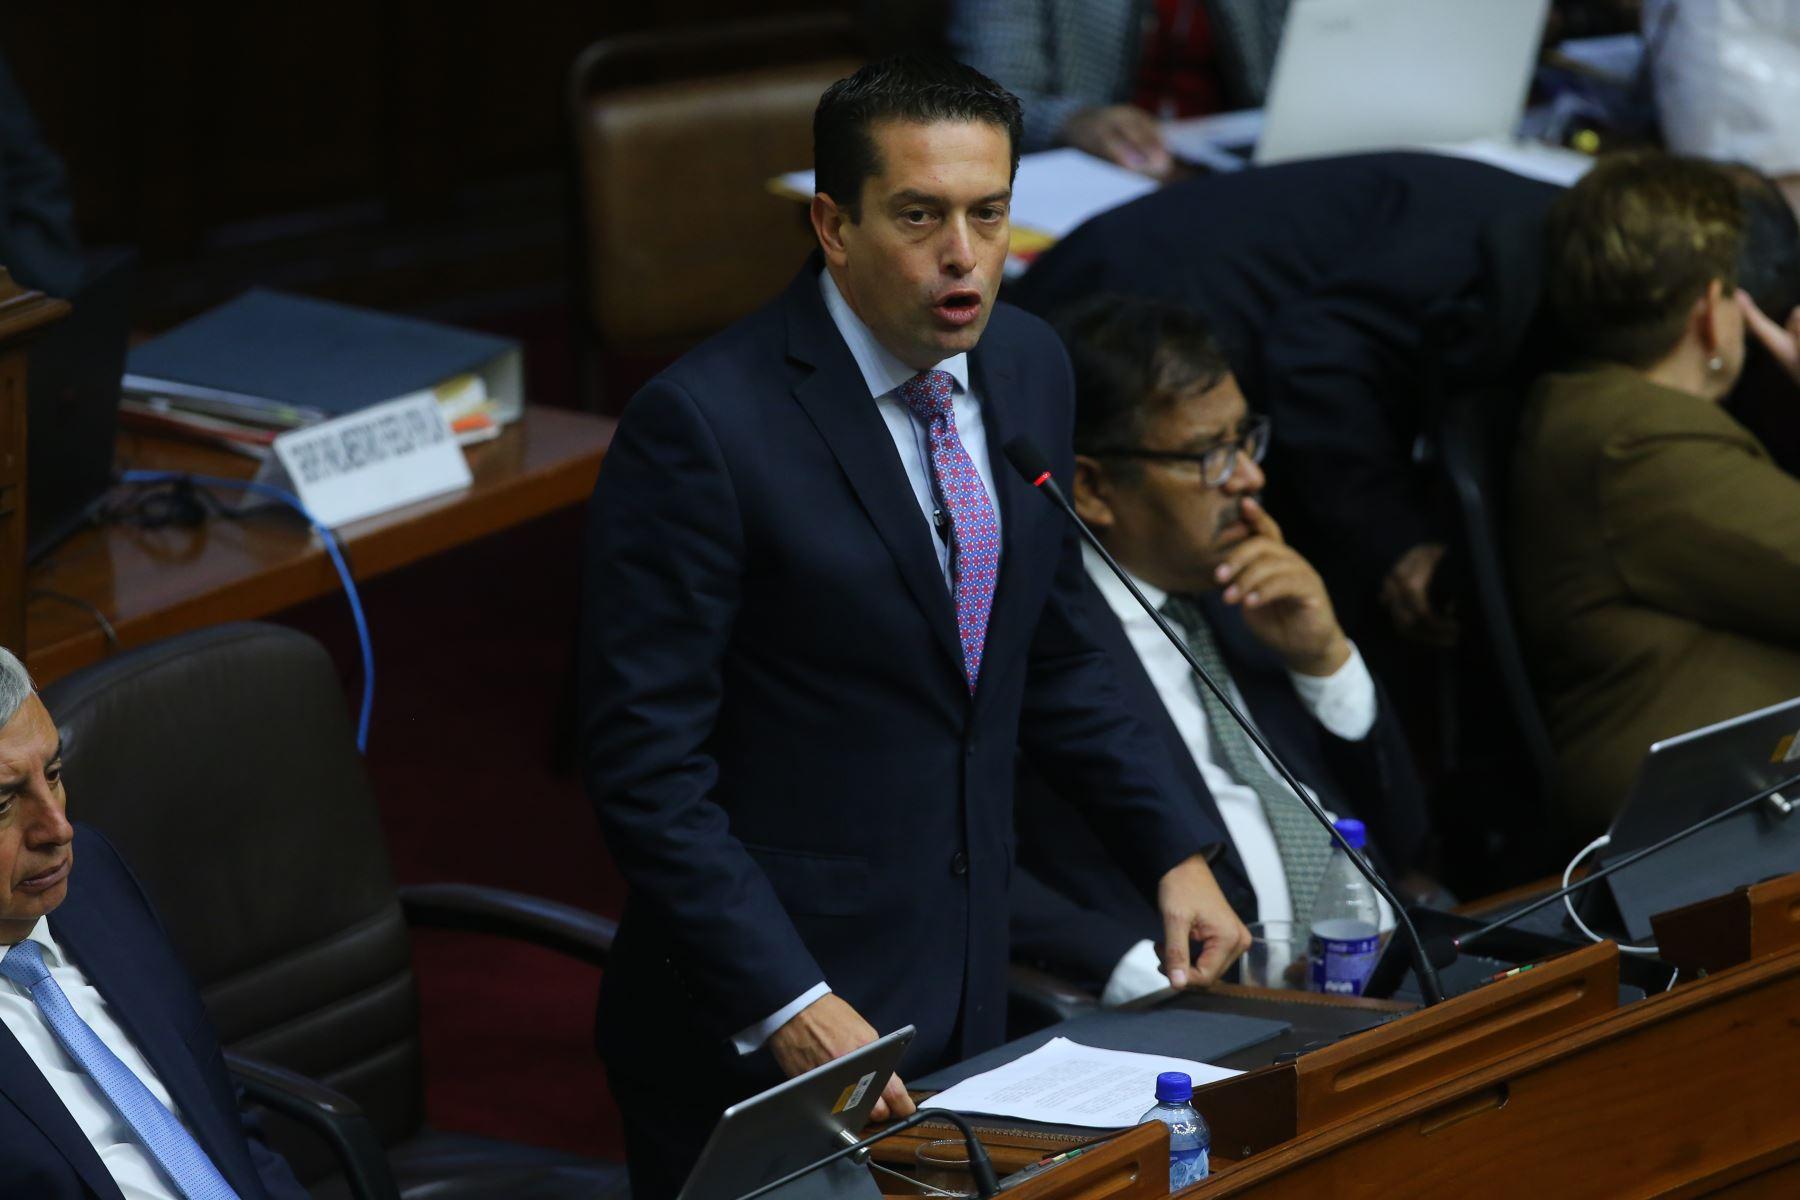 Congresista Miguel Torres interviene en el debate sobre la cuestión de confianza en el Congreso de la República. Foto: ANDINA/Vidal Tarqui